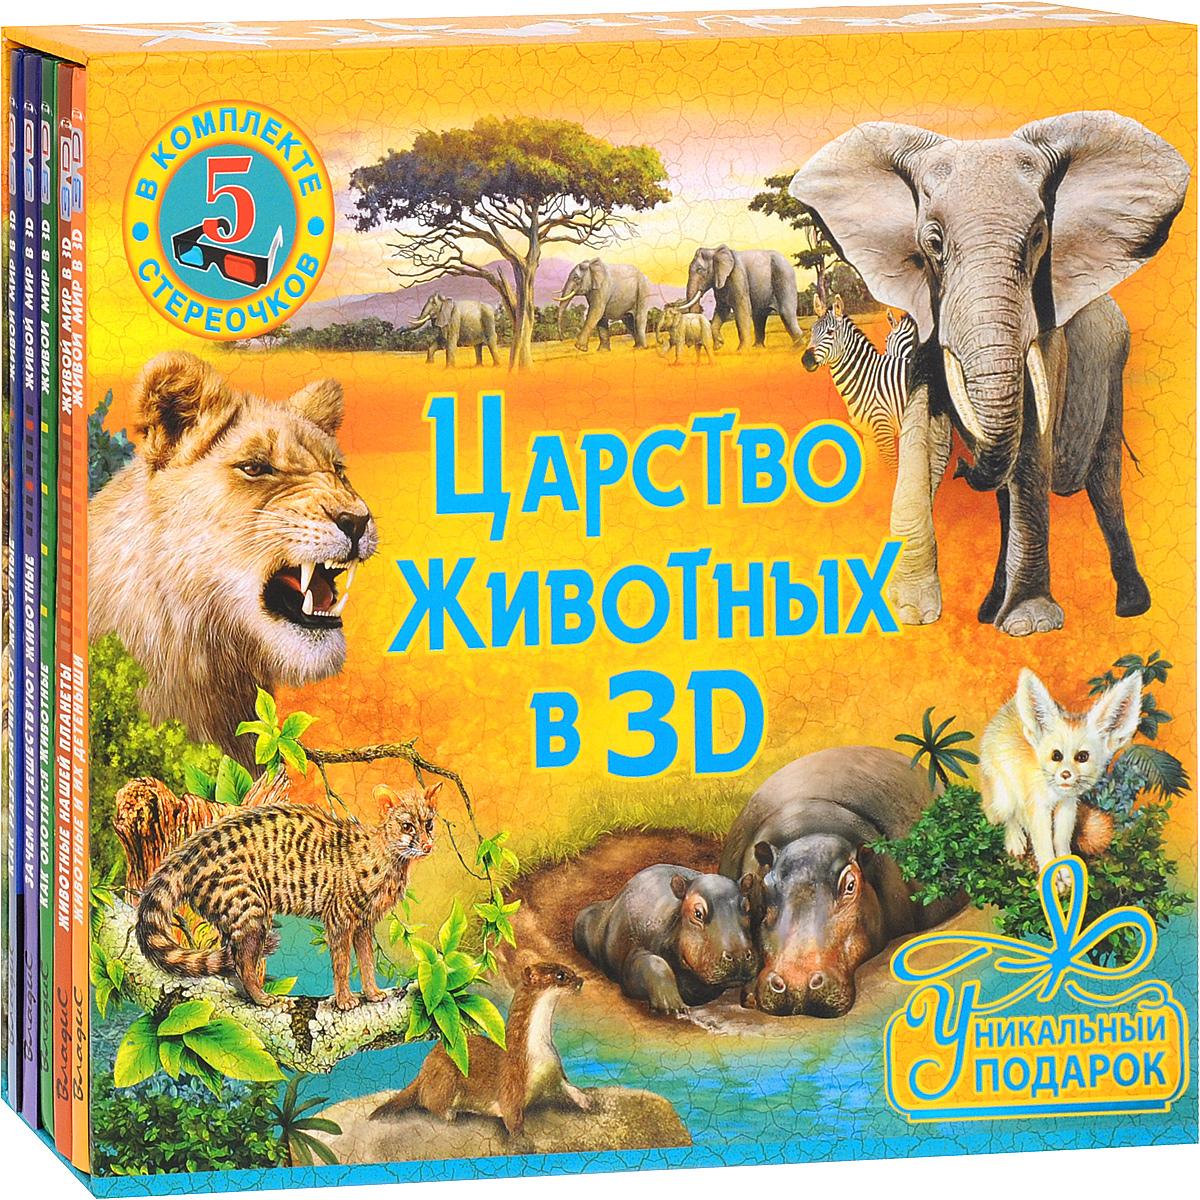 Царство животных в 3D (Комплект из 5 книг + 5 пар стереоочков)12296407Невероятный и удивительный мир животных - взгляд изнутри! Объёмные панорамные изображения великолепного качества создают потрясающий эффект присутствия на африканском сафари и бескрайних просторах Арктики, в опасных и загадочных джунглях Амазонии и таинственных океанских глубинах. Просто открой книгу и надень 3D-очки! Сотни удивительных фактов обо всех созданиях, населяющих нашу планету! Путешествуй и изучай живой мир Земли, не выходя из дома!